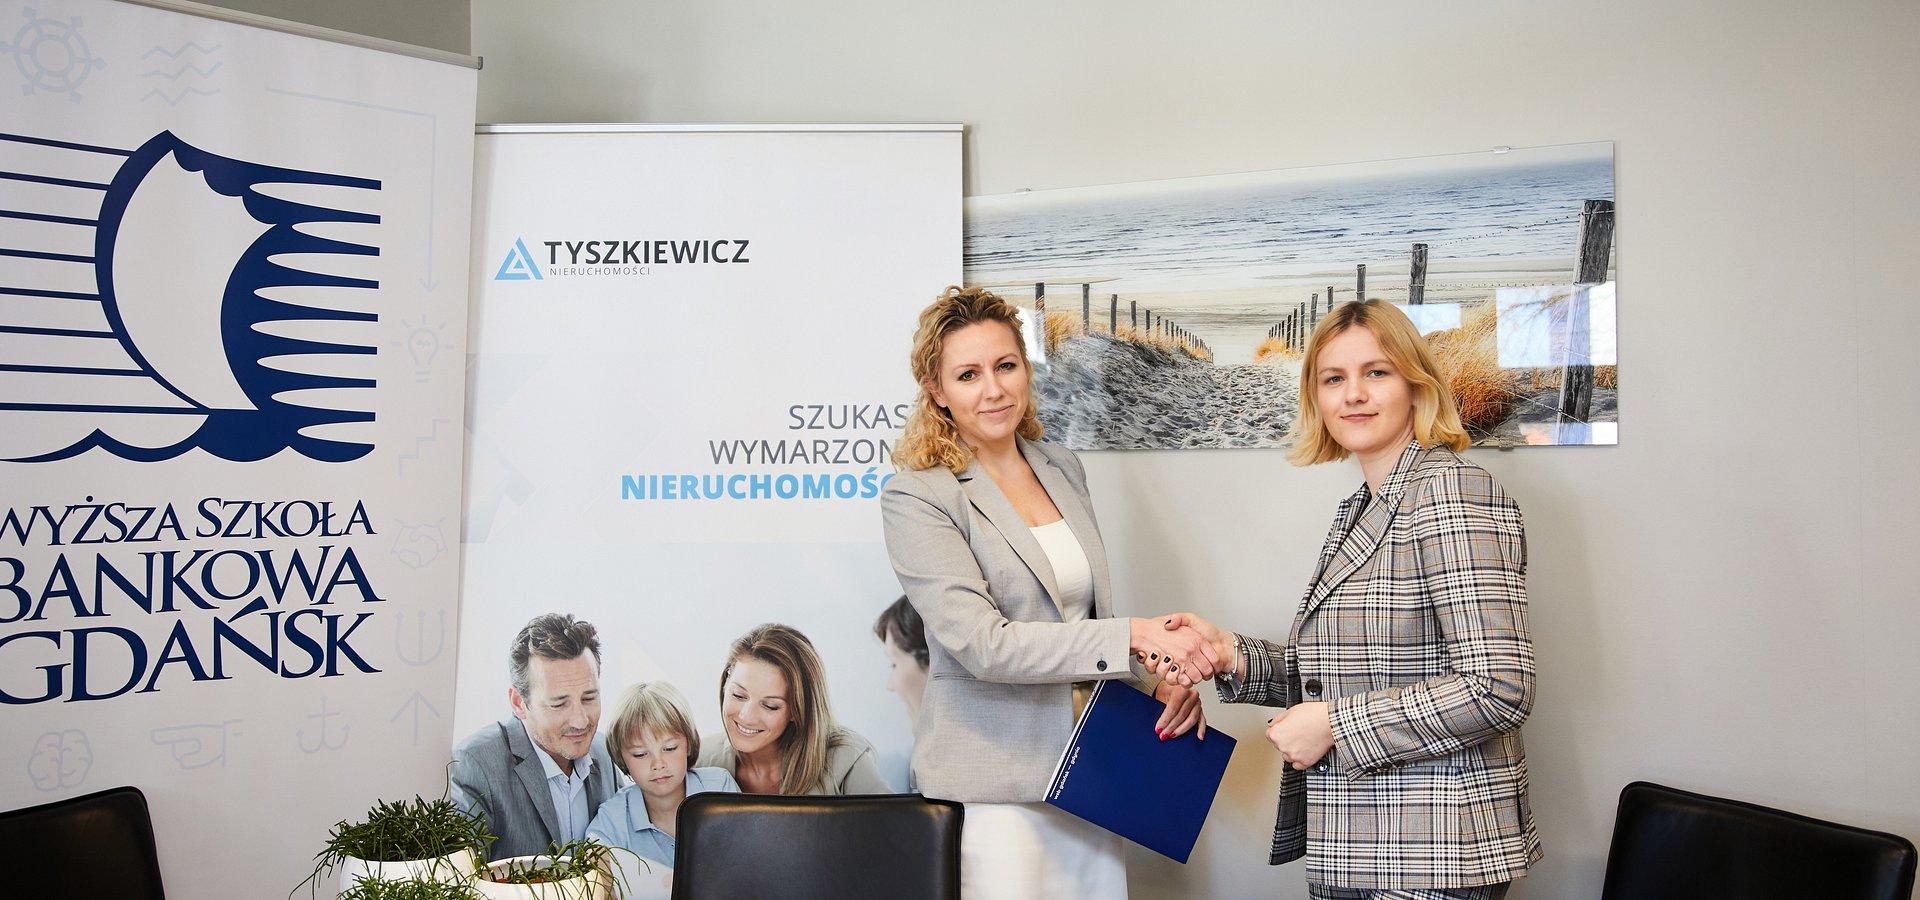 Kierunek Zarządzanie wzbogacony o doświadczenie firmy Tyszkiewicz Nieruchomości